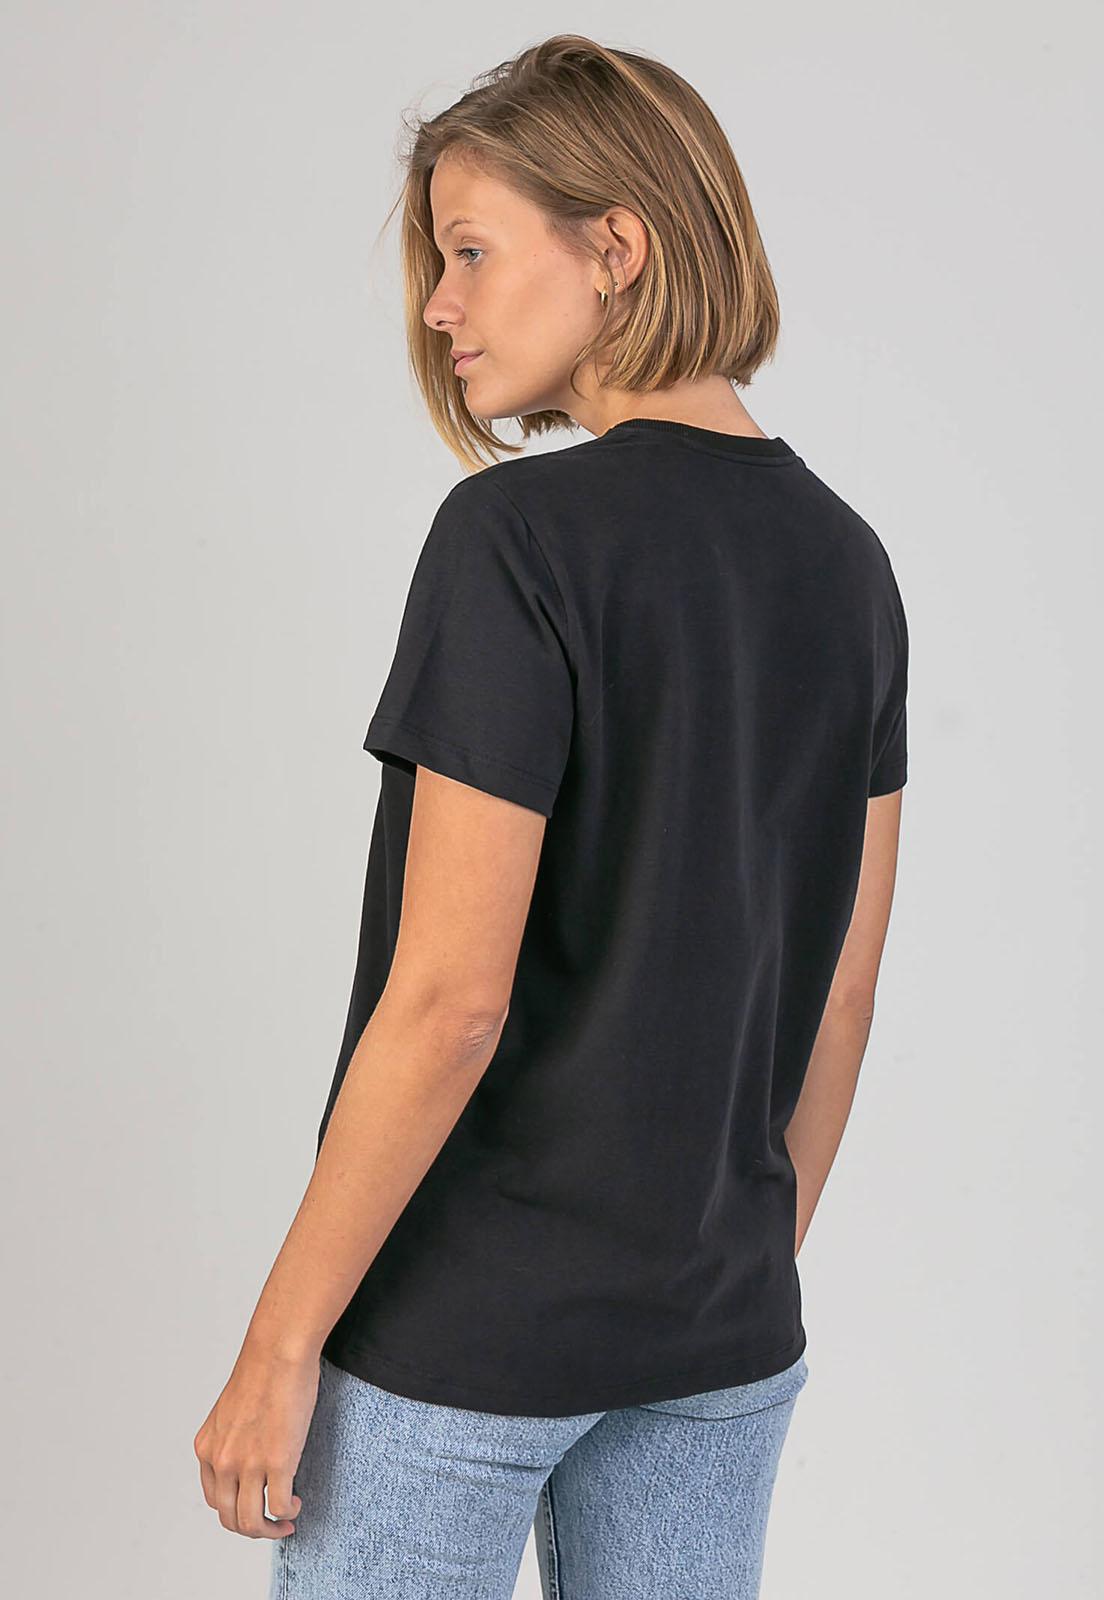 T-shirt Real Hapiness Feminino melty  - melty surf & Co.